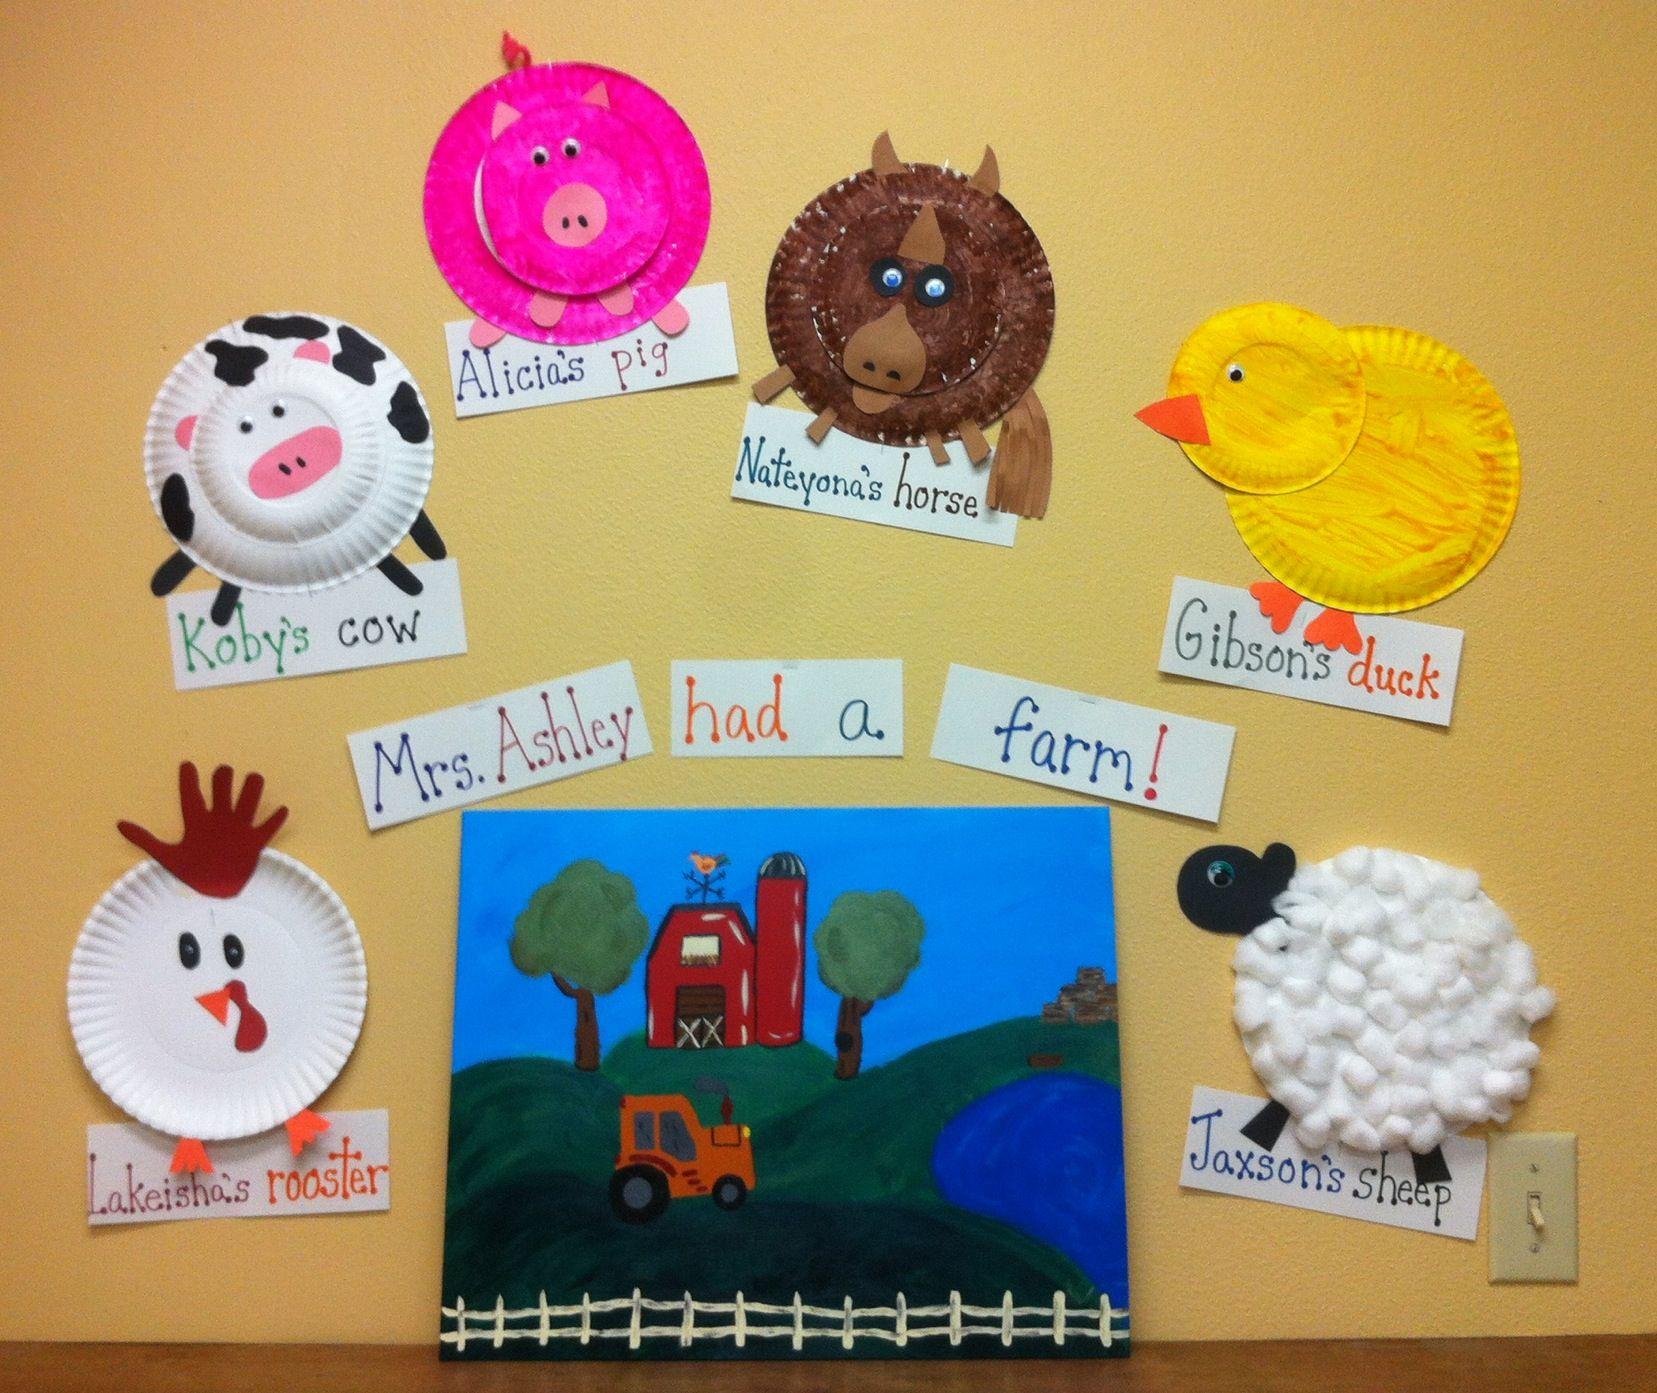 Preschool Had A Farm The Kids Each Made A Farm Animal Rooster Cow Pig Horse Duck